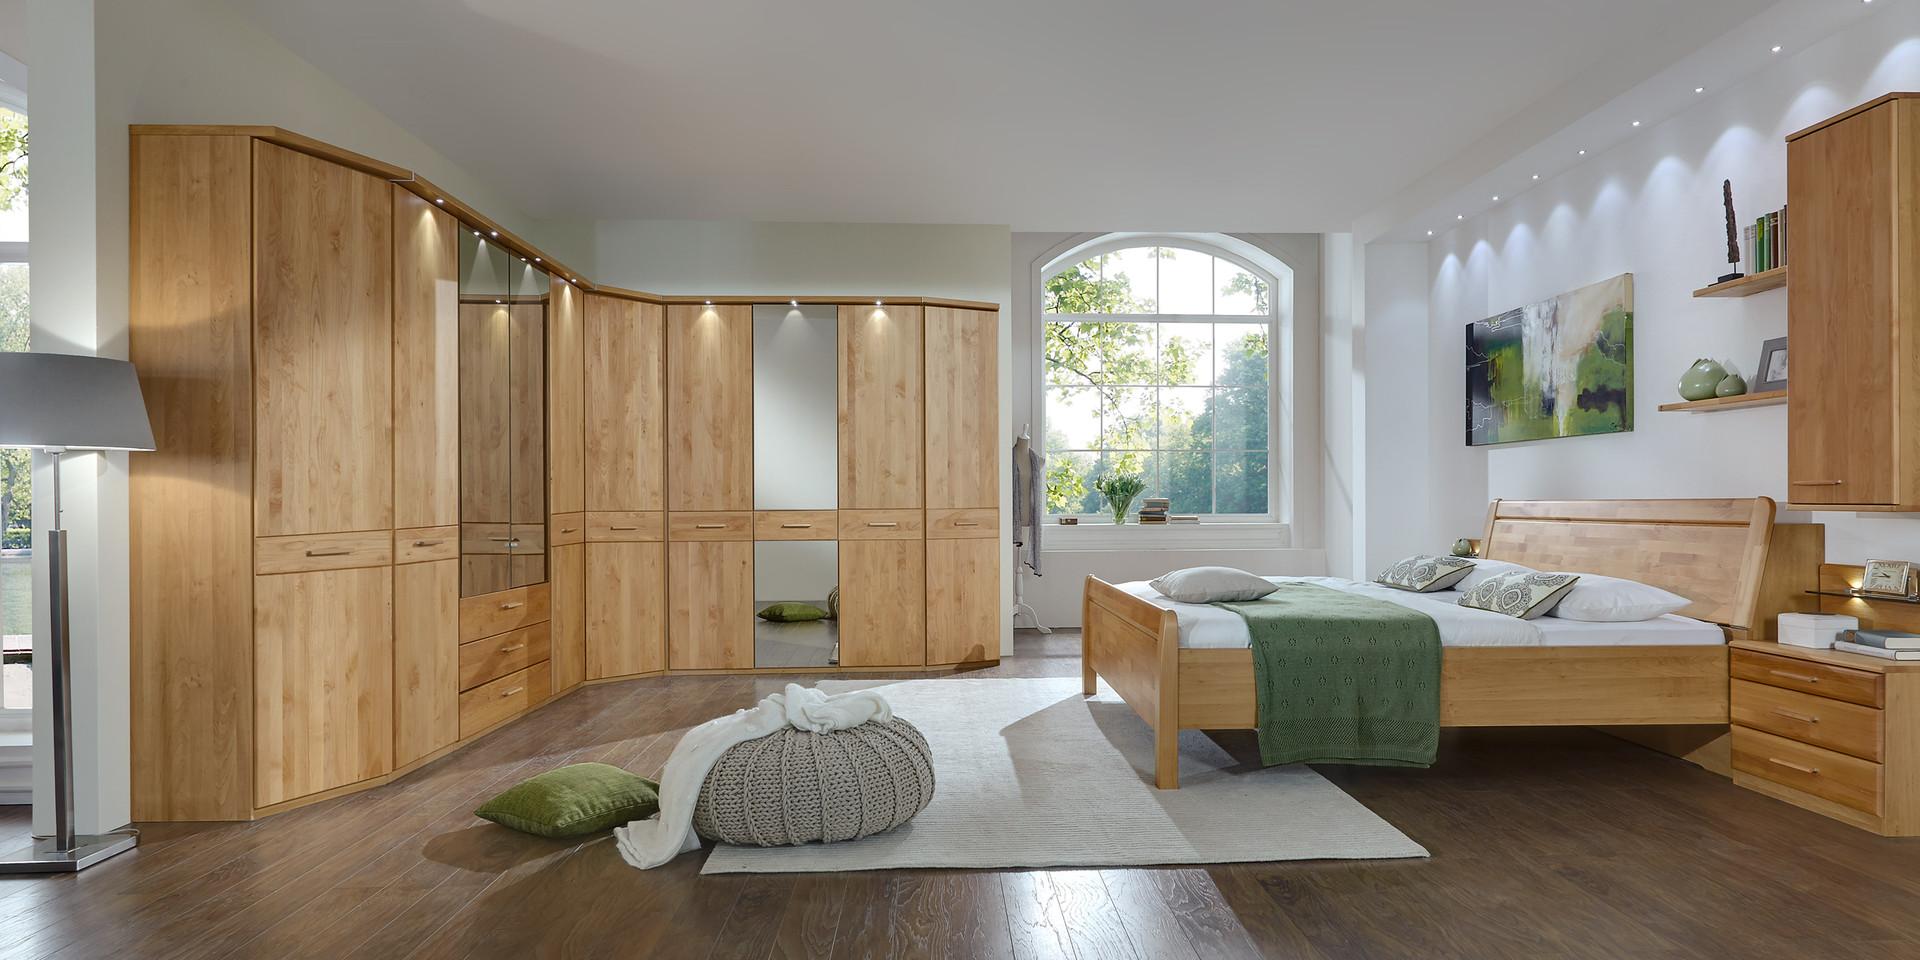 erle schlafzimmer g nsedaunen bettdecken bettw sche. Black Bedroom Furniture Sets. Home Design Ideas